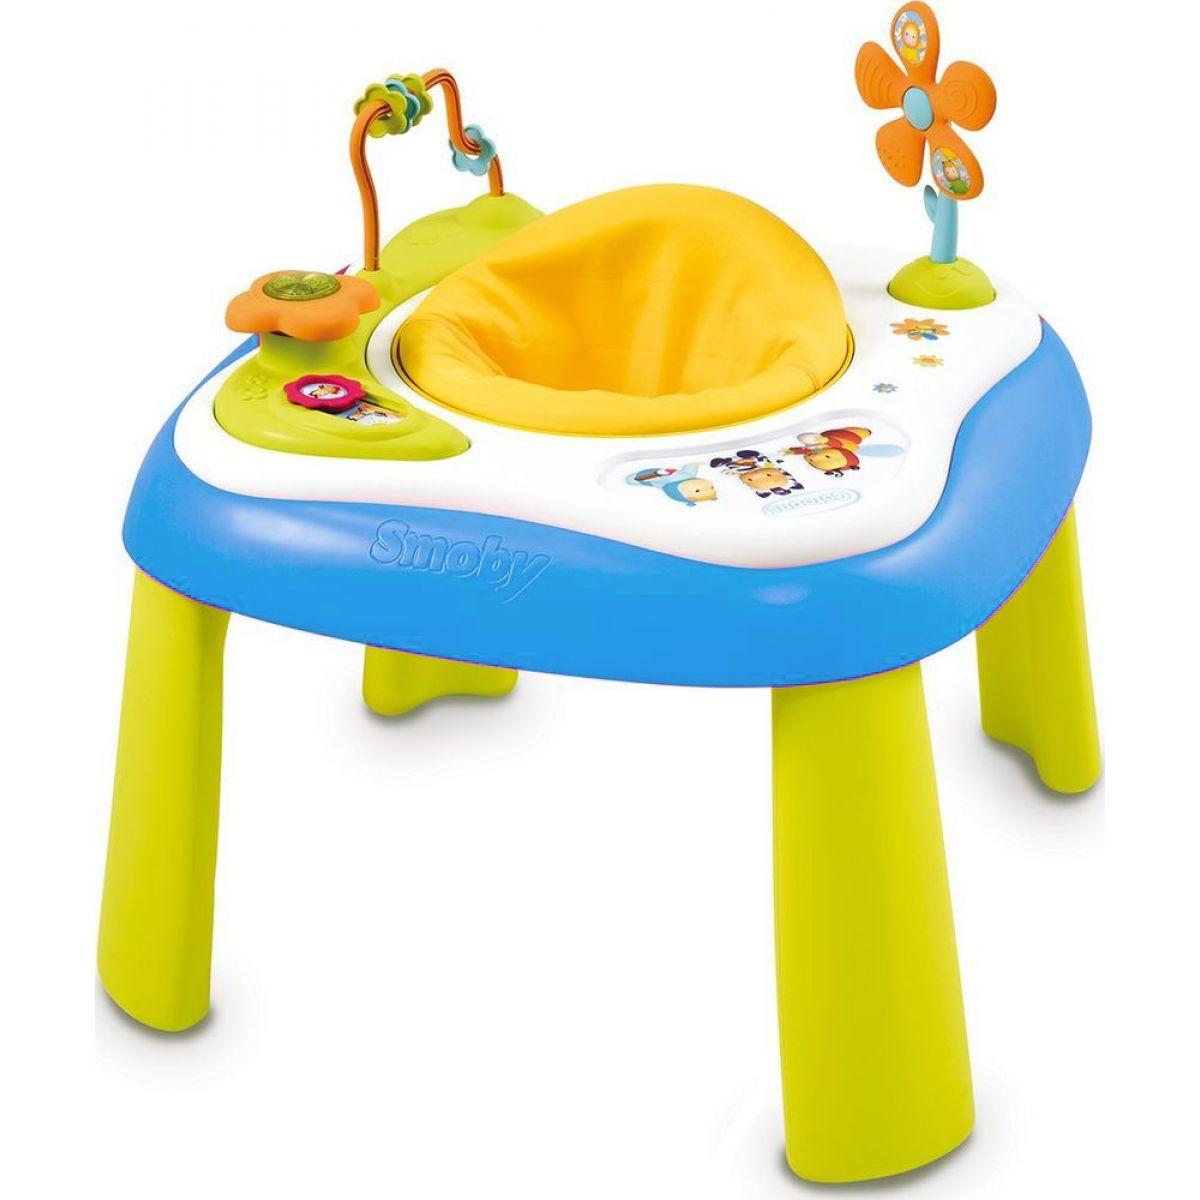 SMOBY 110200 Cotoons youpi didaktický stolík so zvukom a svetlom